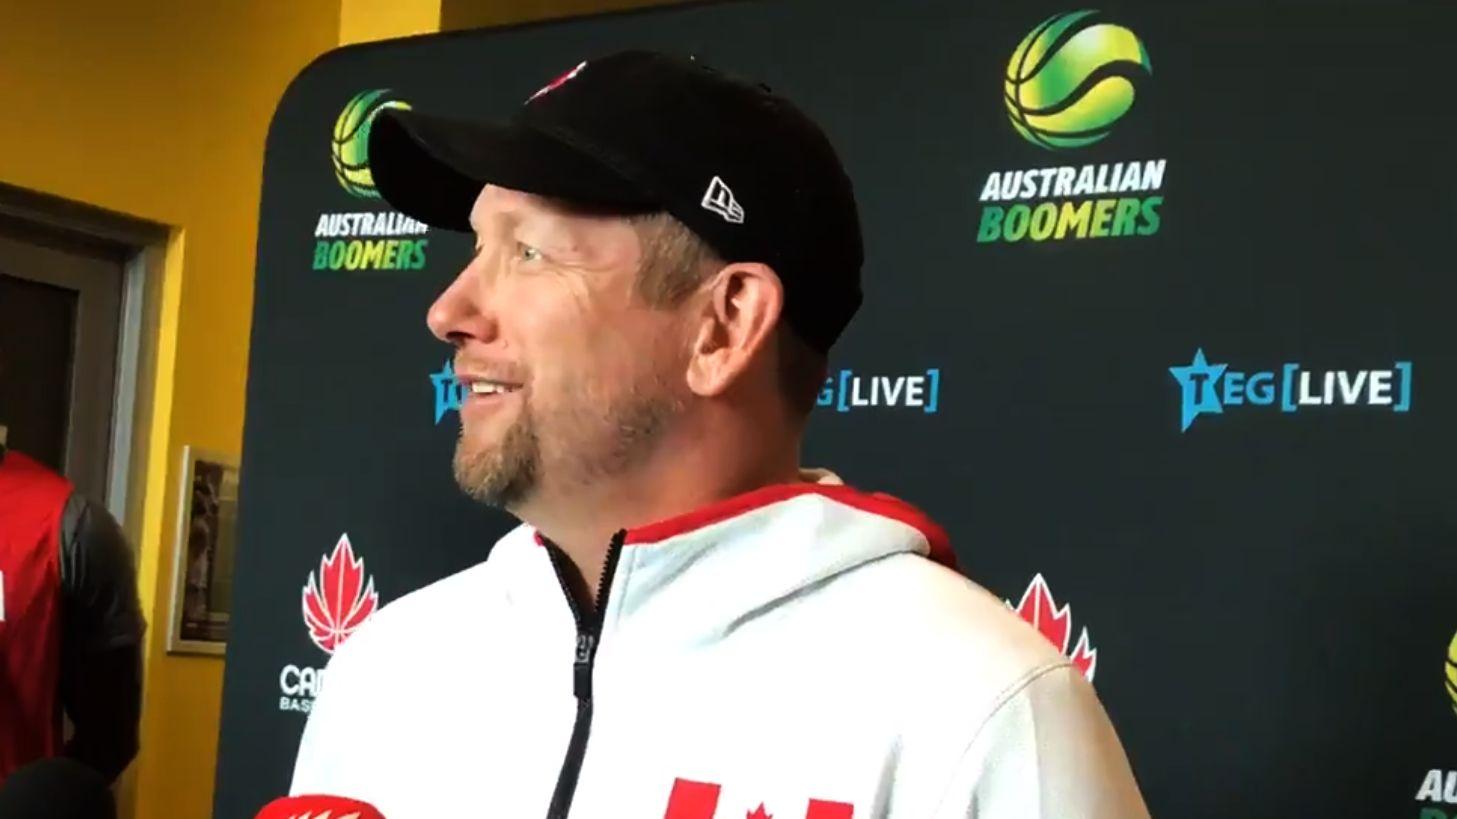 尼克-纳斯:我认为加拿大篮球正处于一个有趣的关键阶段